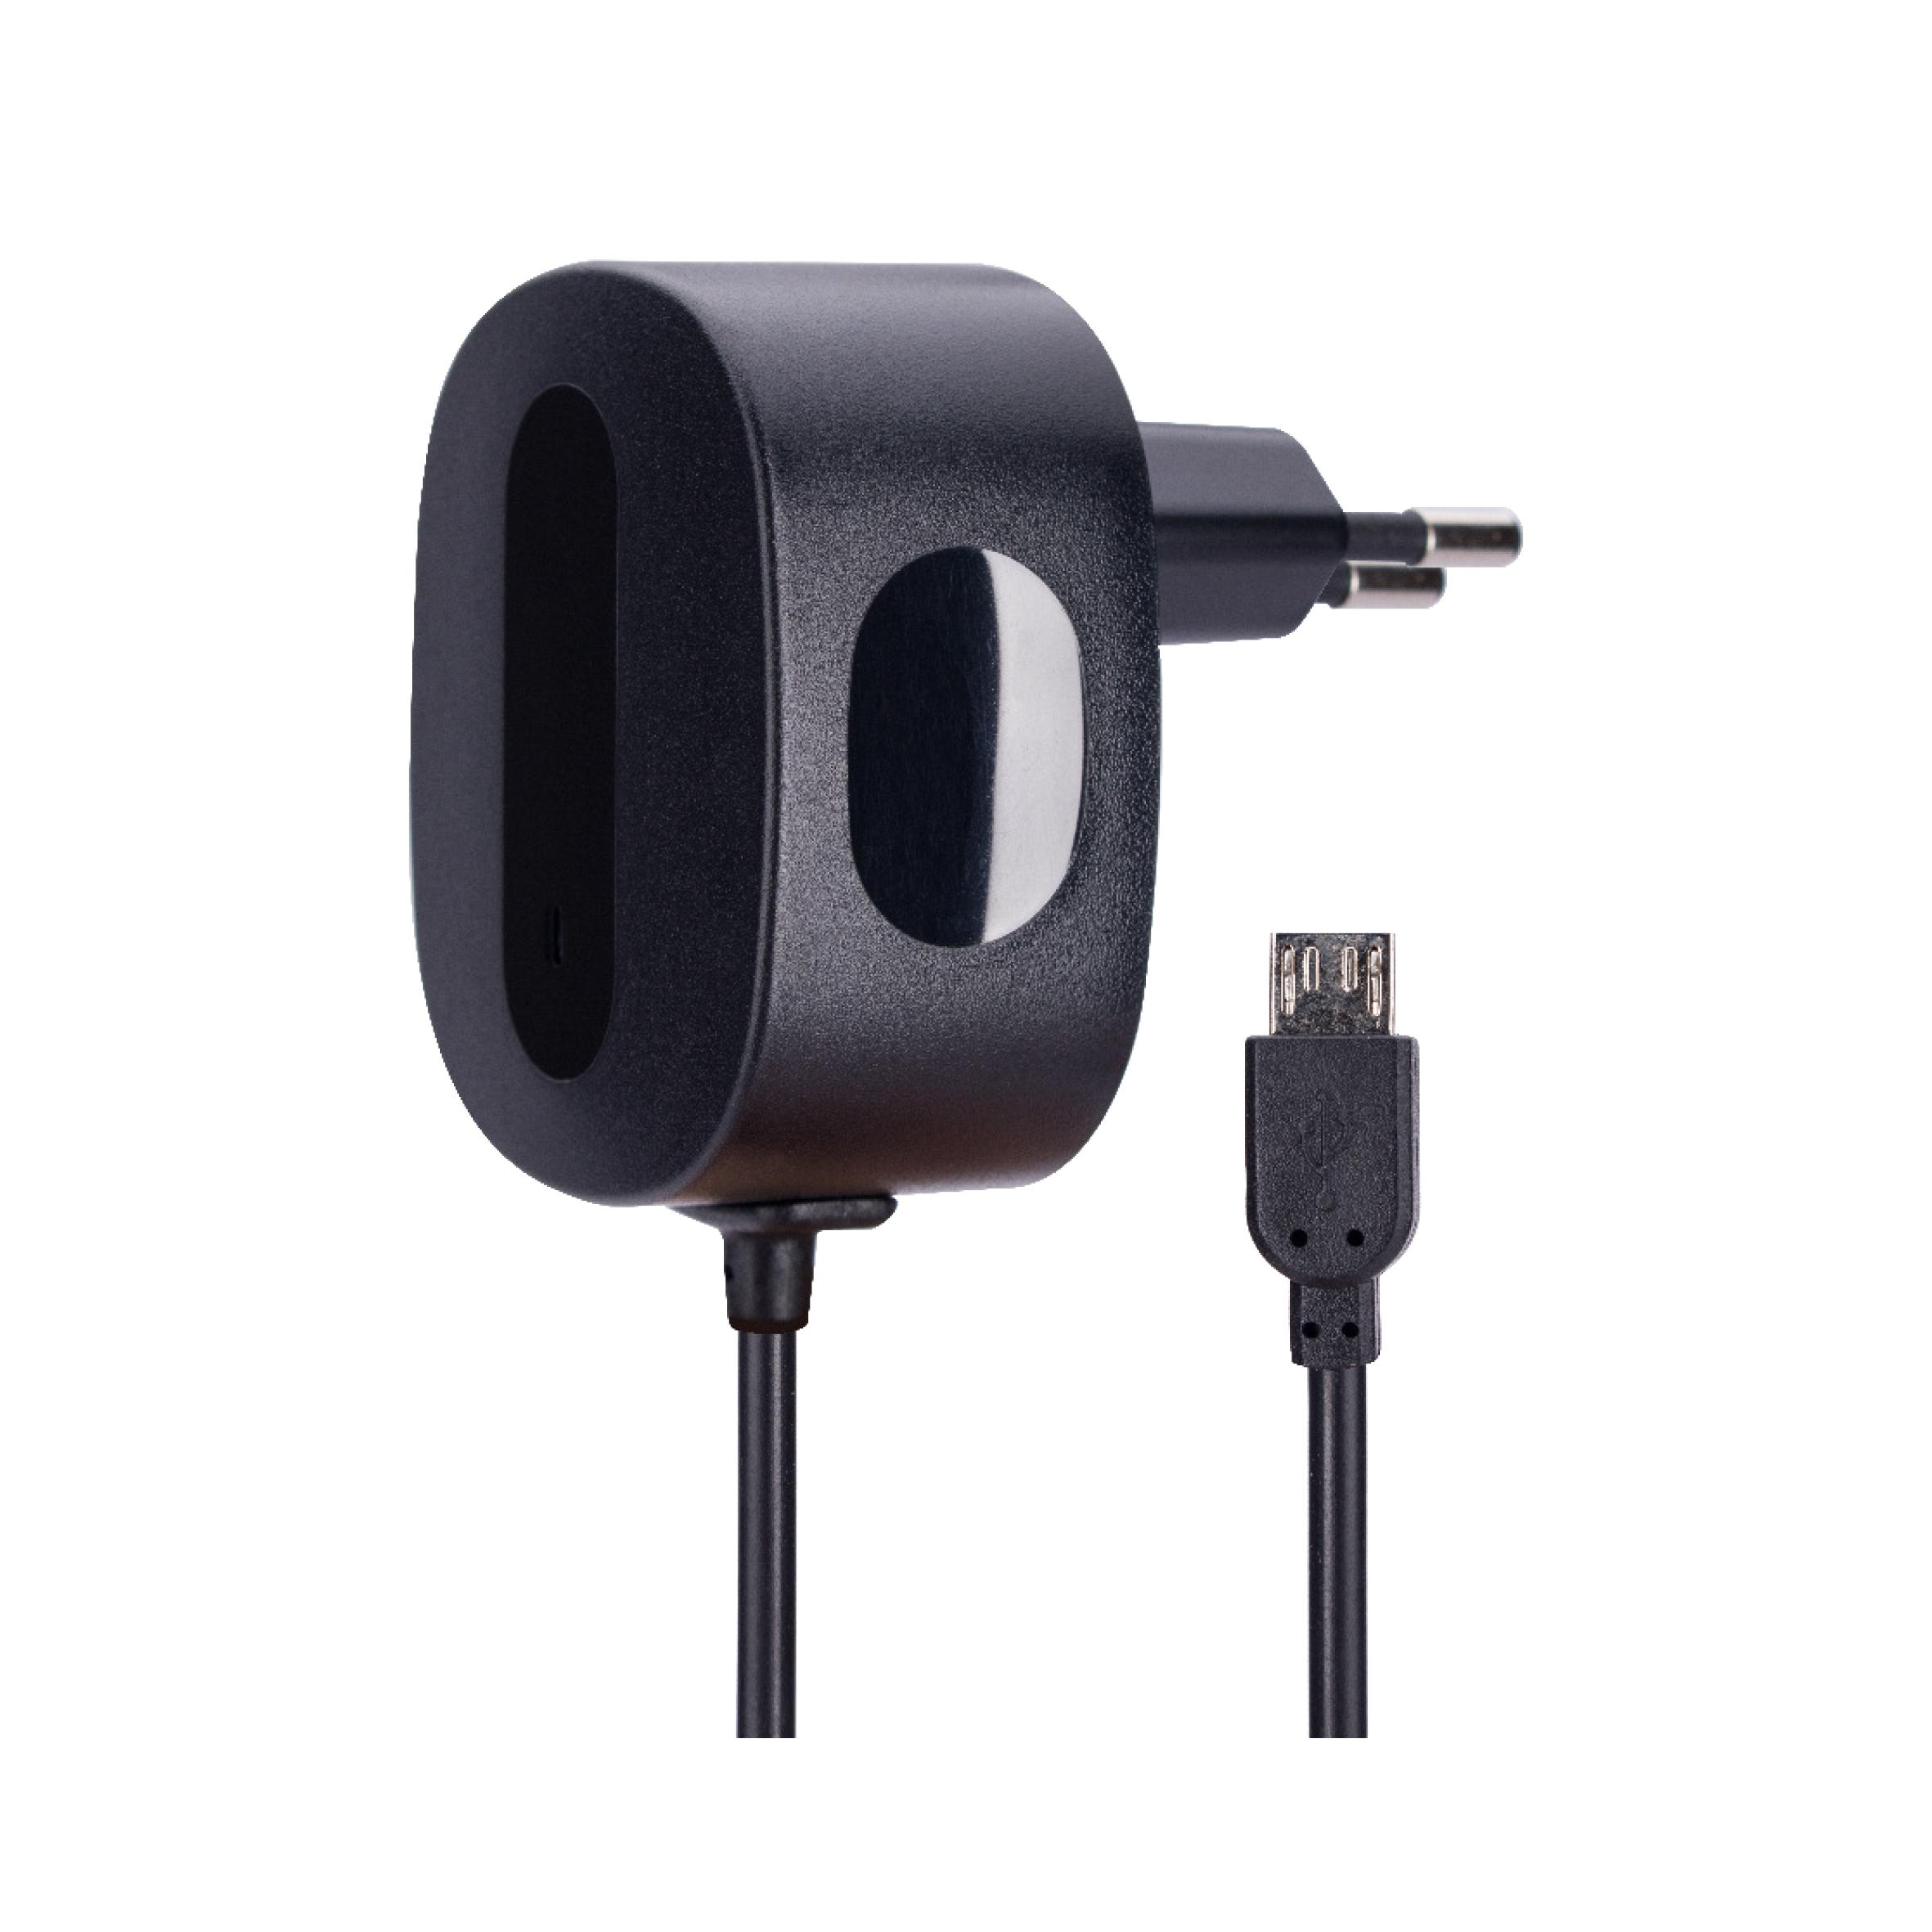 Billede af AVO+ travel charger 1A MicroUSB - EU black